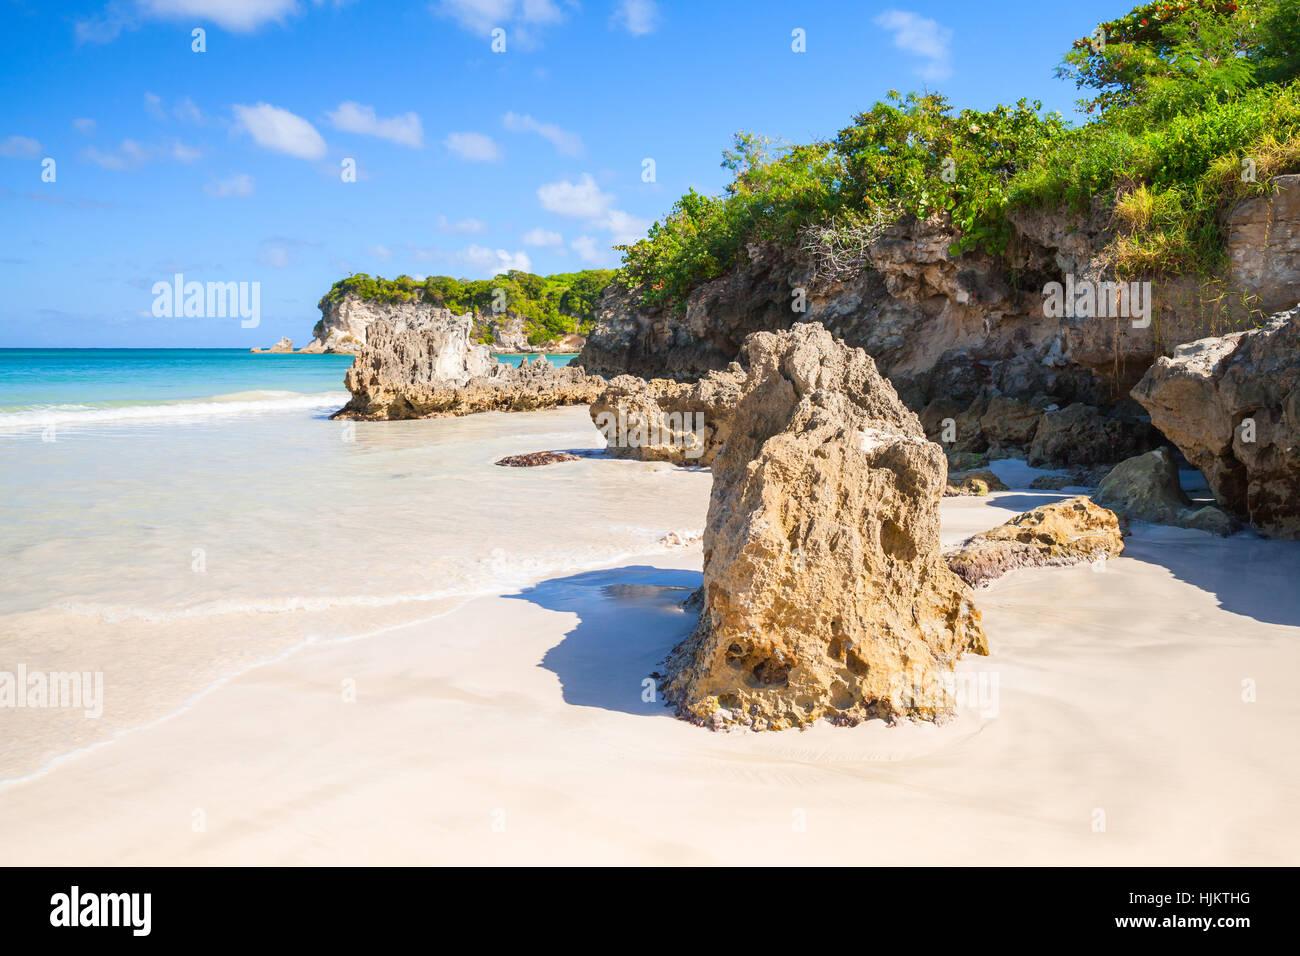 Rocce costiere sulla spiaggia di Macao, il paesaggio della Repubblica Dominicana, isola Hispaniola Immagini Stock